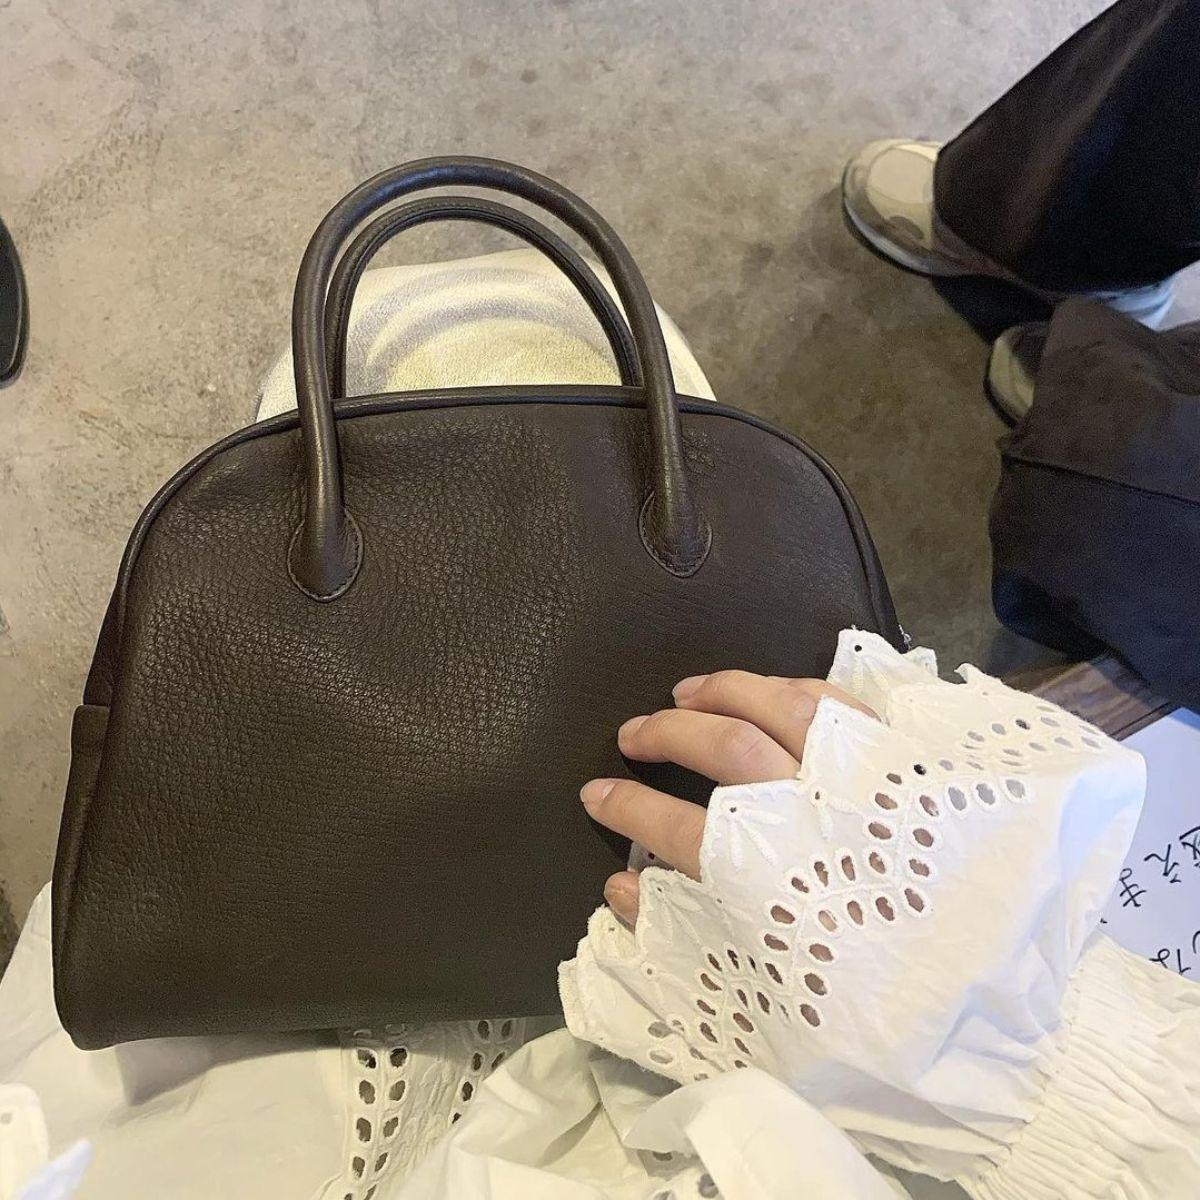 1つは持っておきたい一生もののバッグ。特別感溢れる「Aeta」のボストンは自慢したくなるかわいさです♡